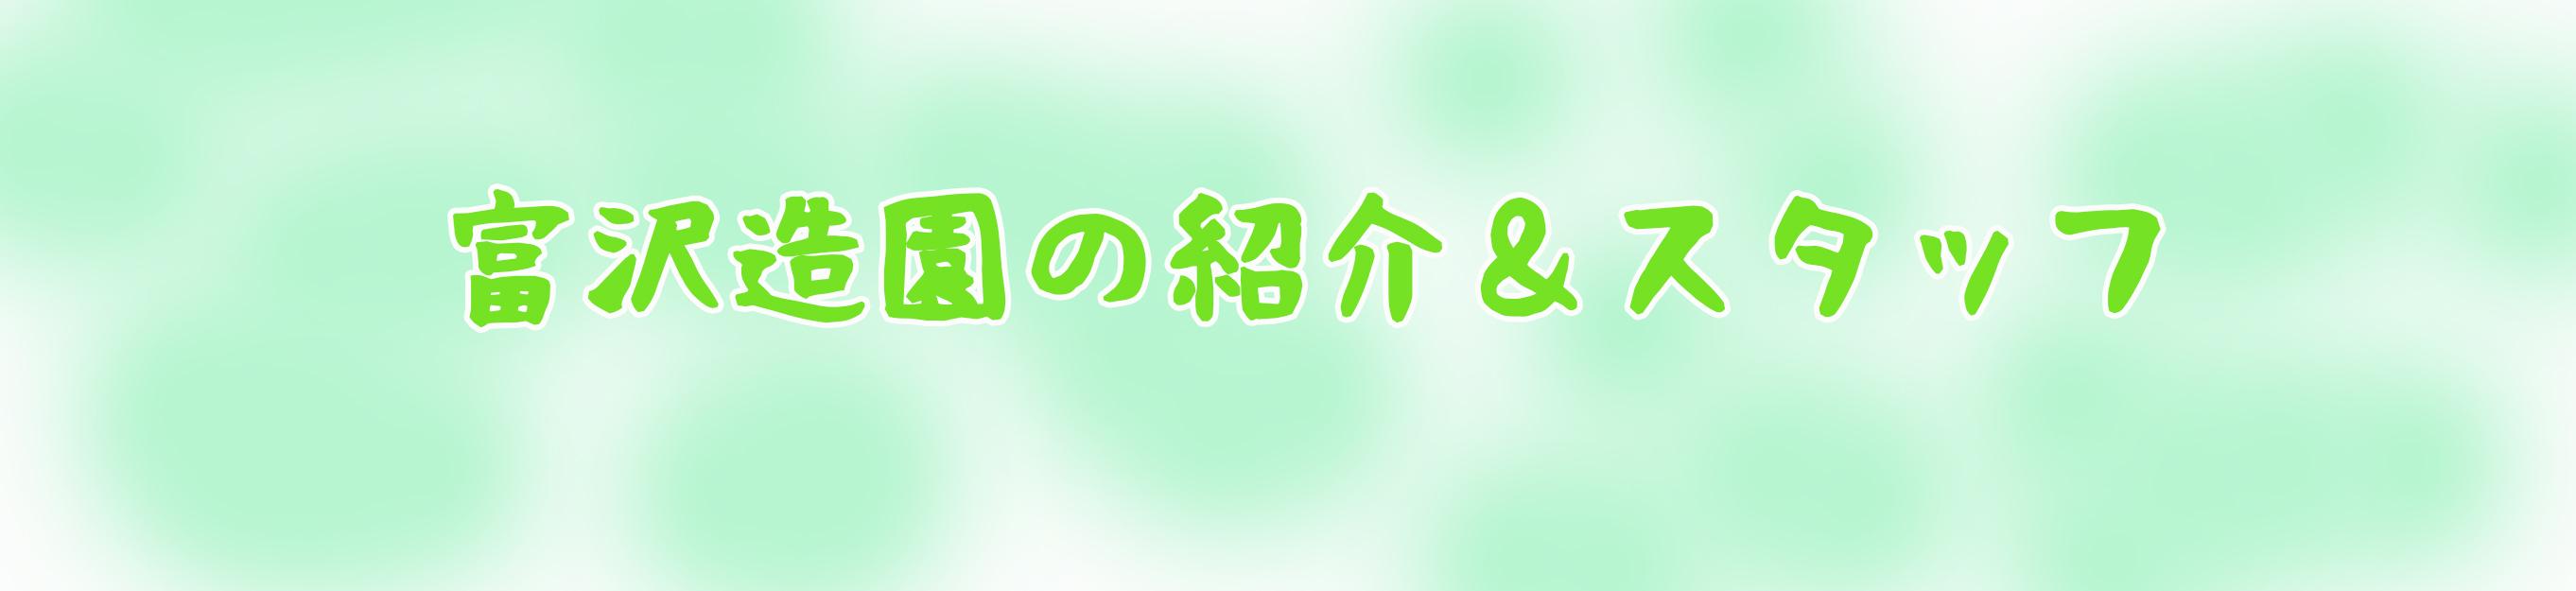 ロゴ HP 紹介